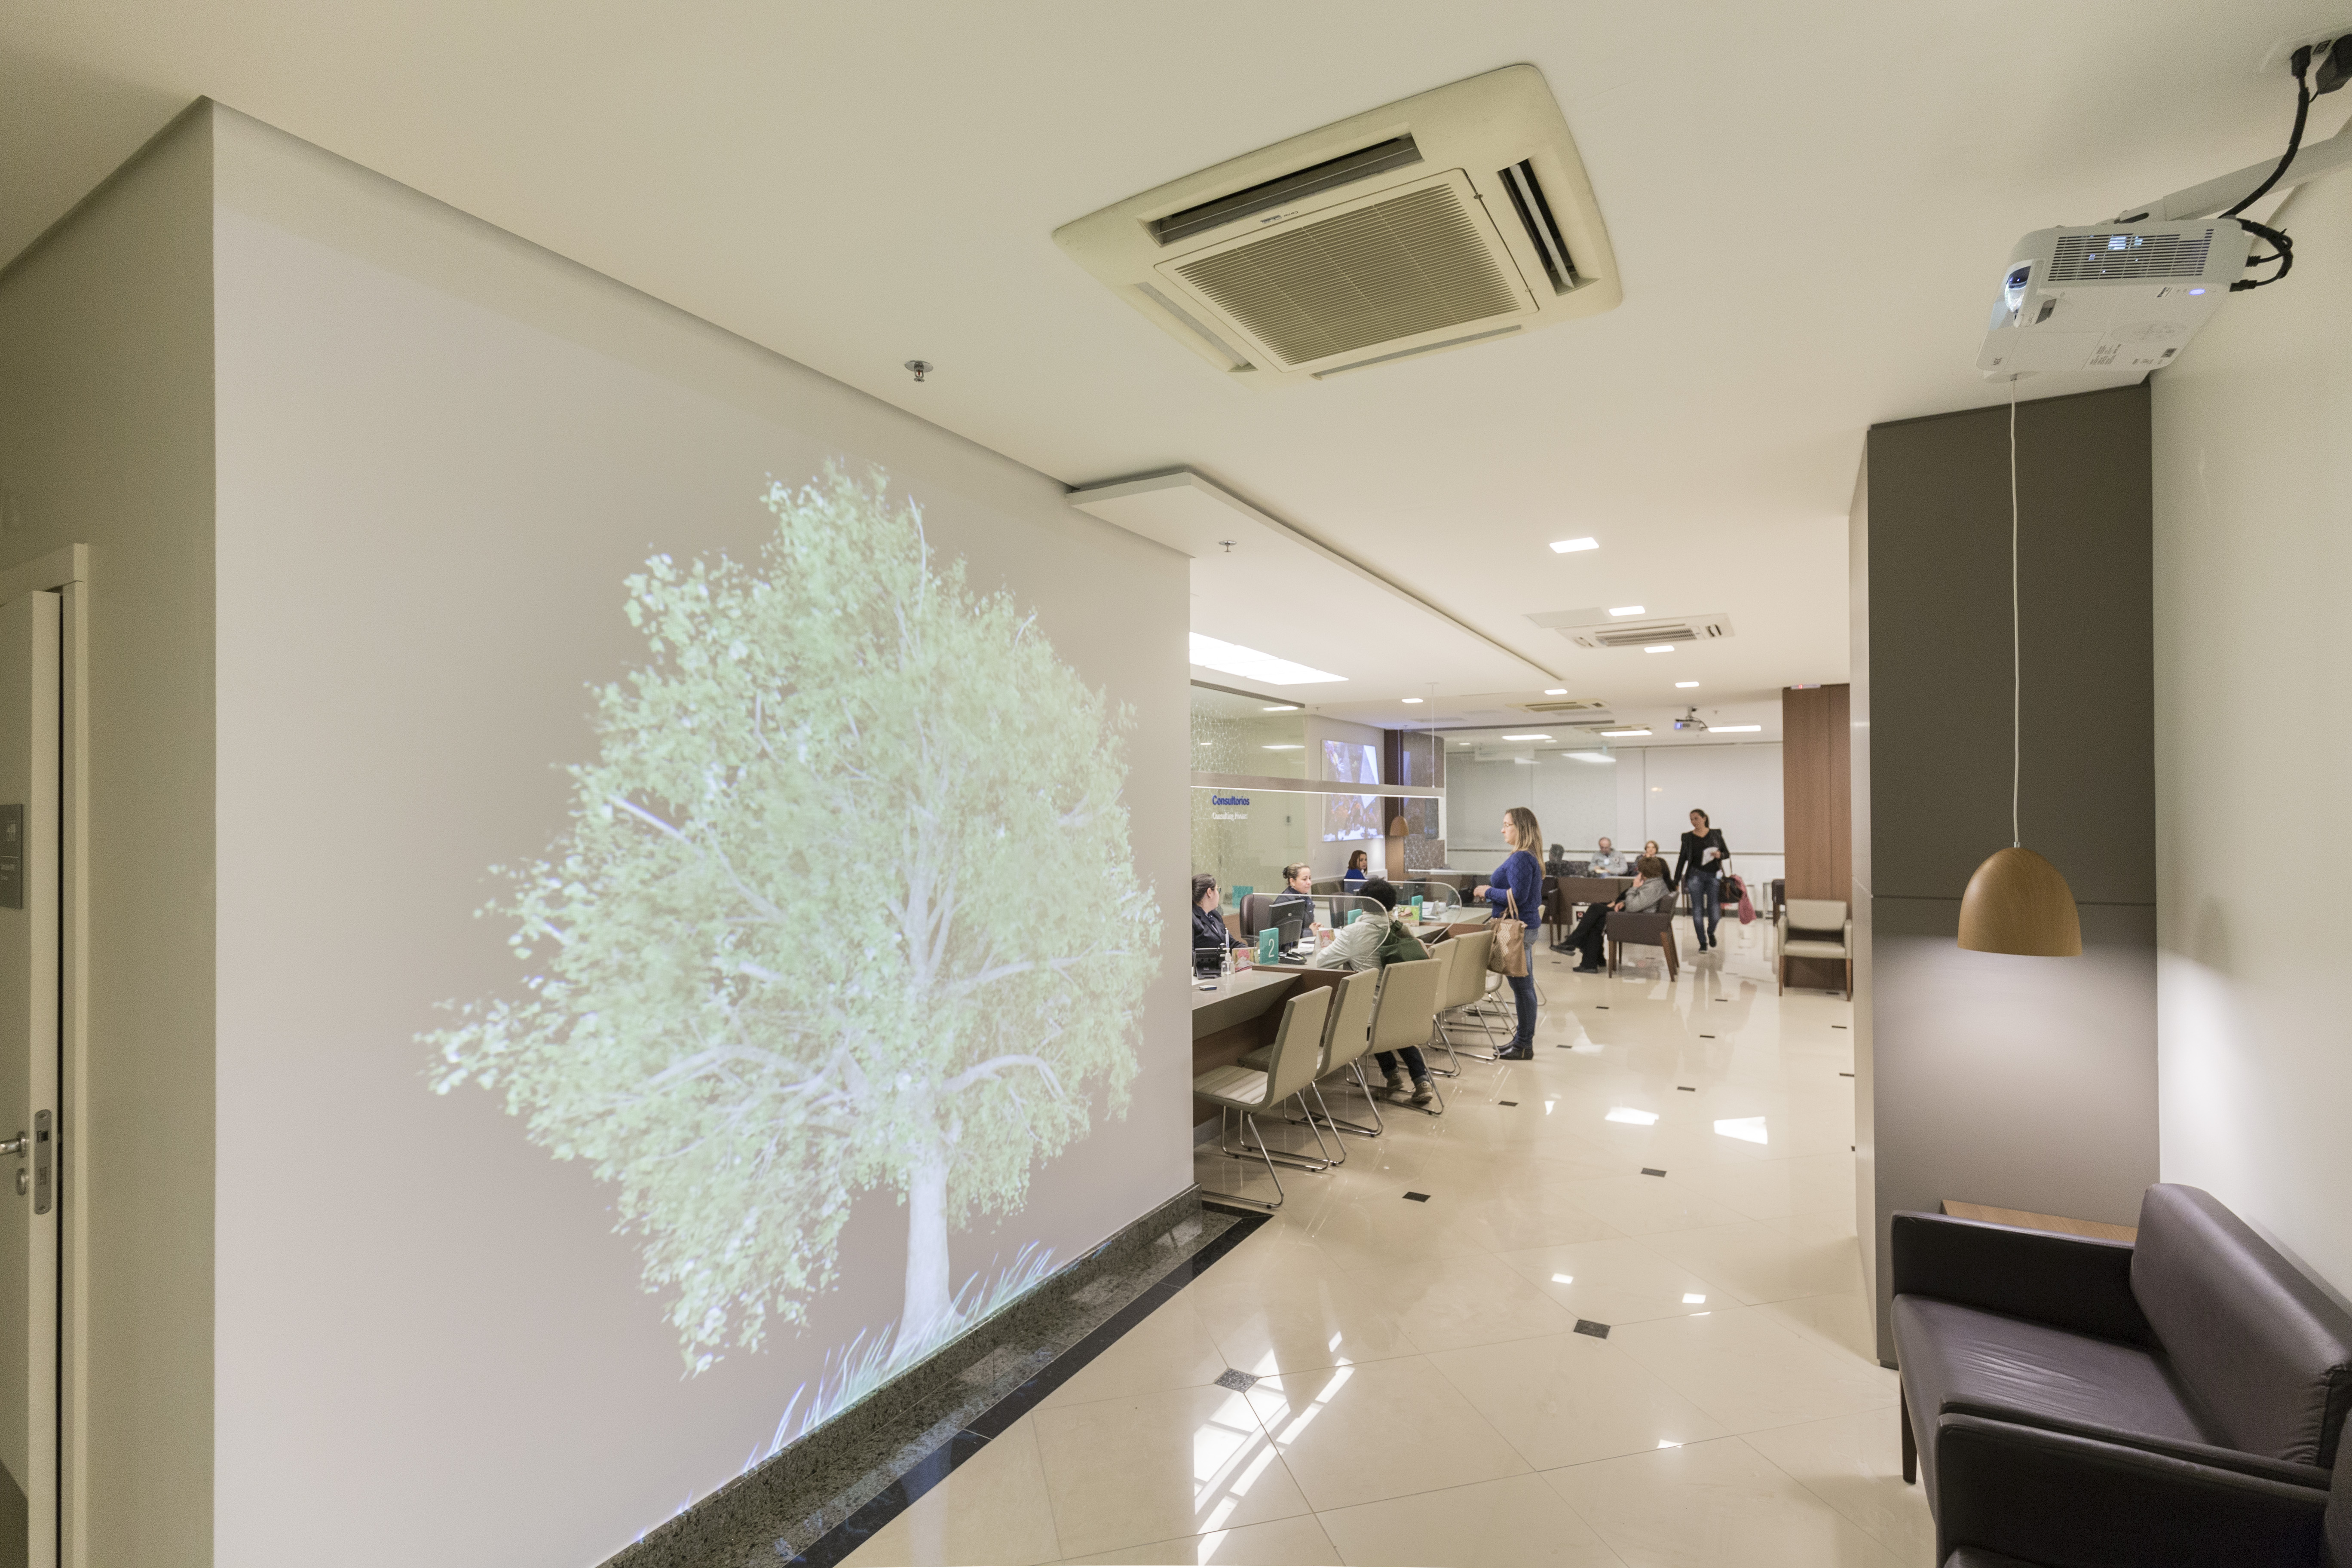 Projeção mapeada árvore HMV